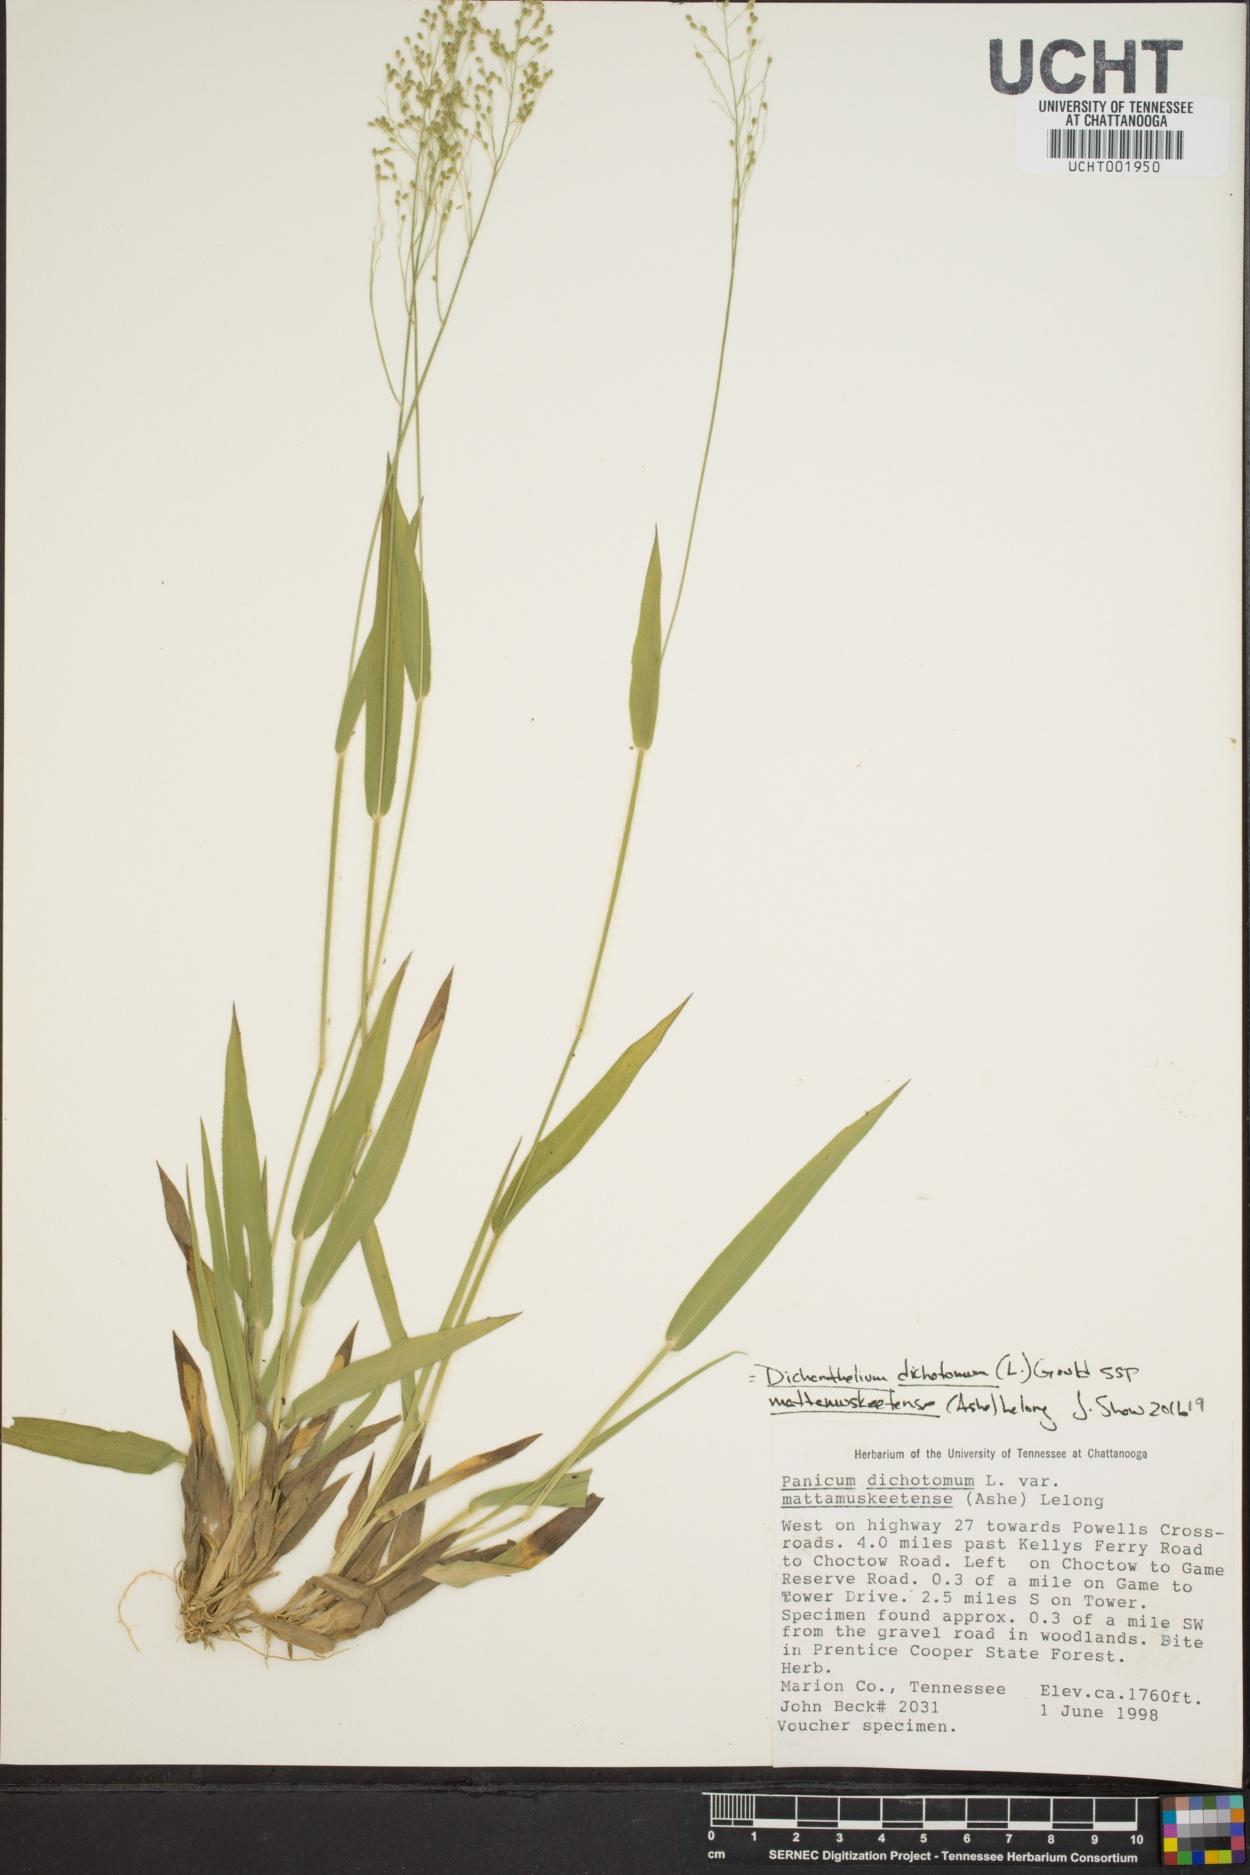 Panicum dichotomum var. mattamuskeetense image